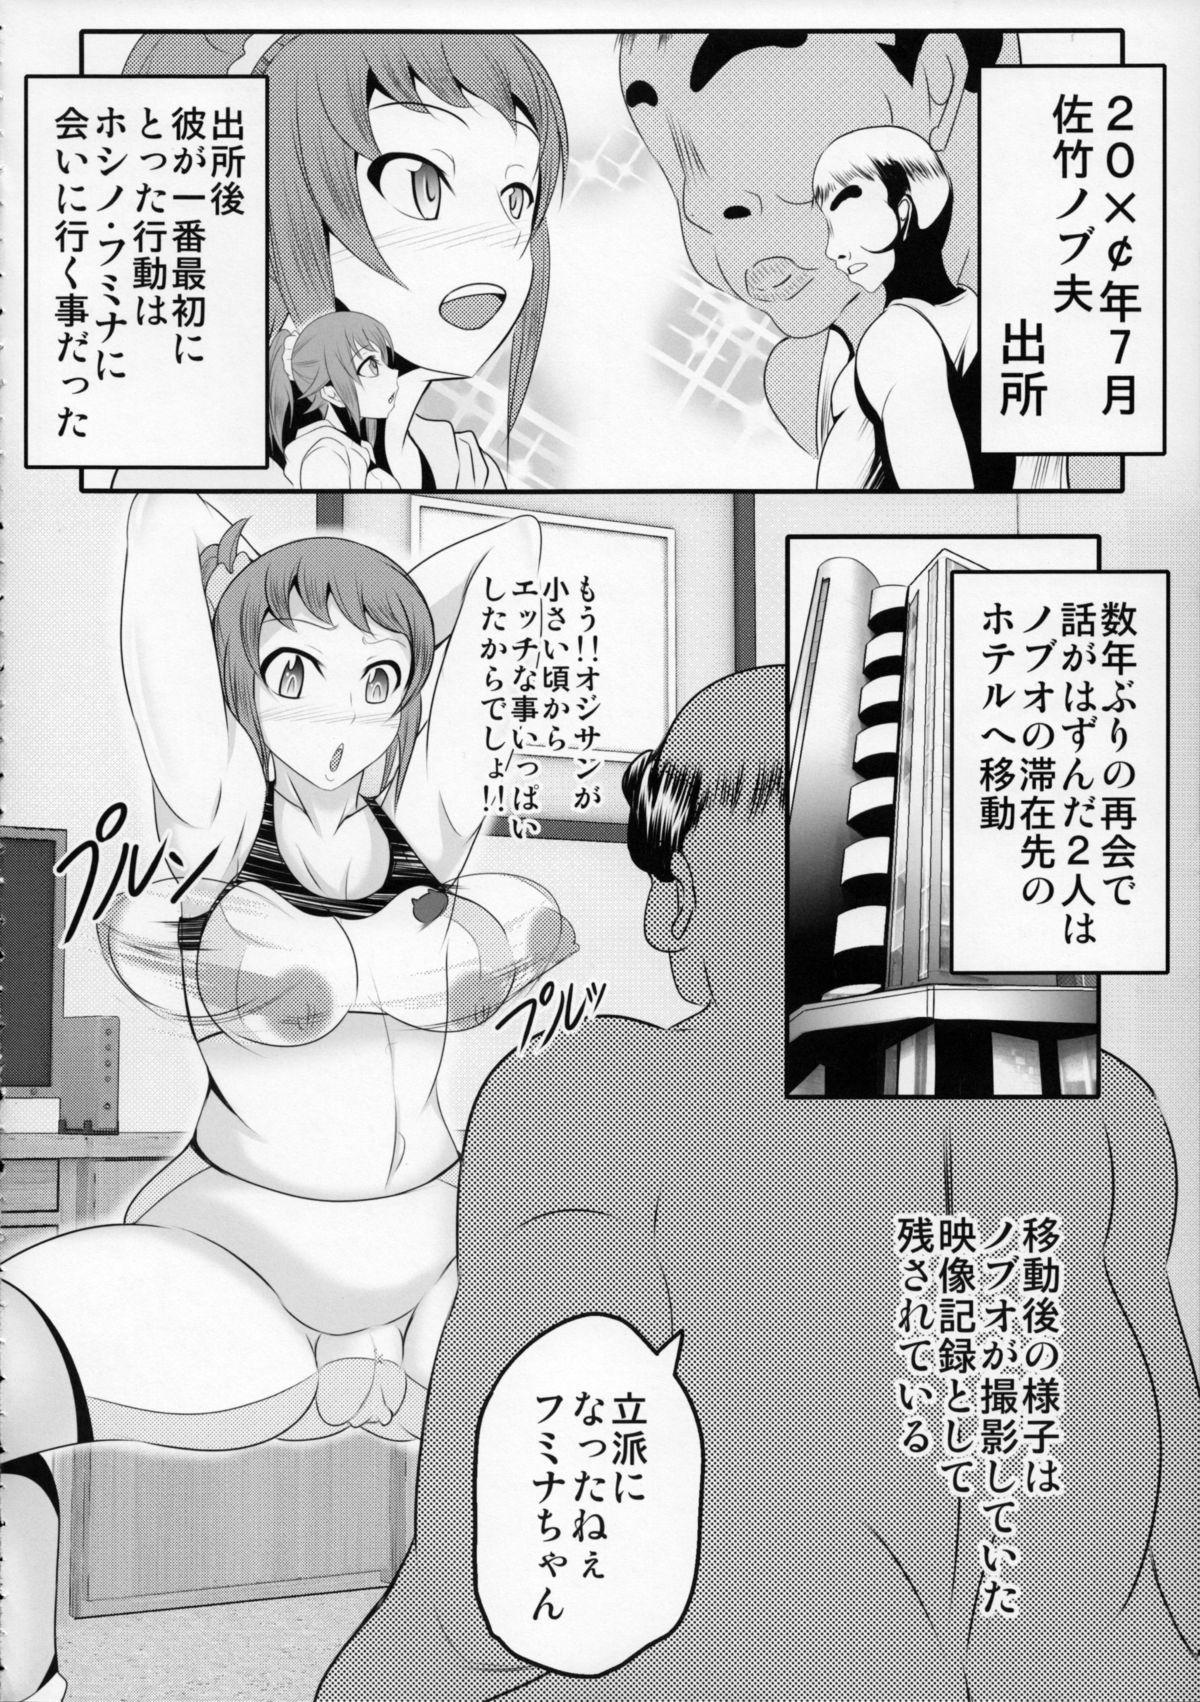 Gunpla Oji-san 6